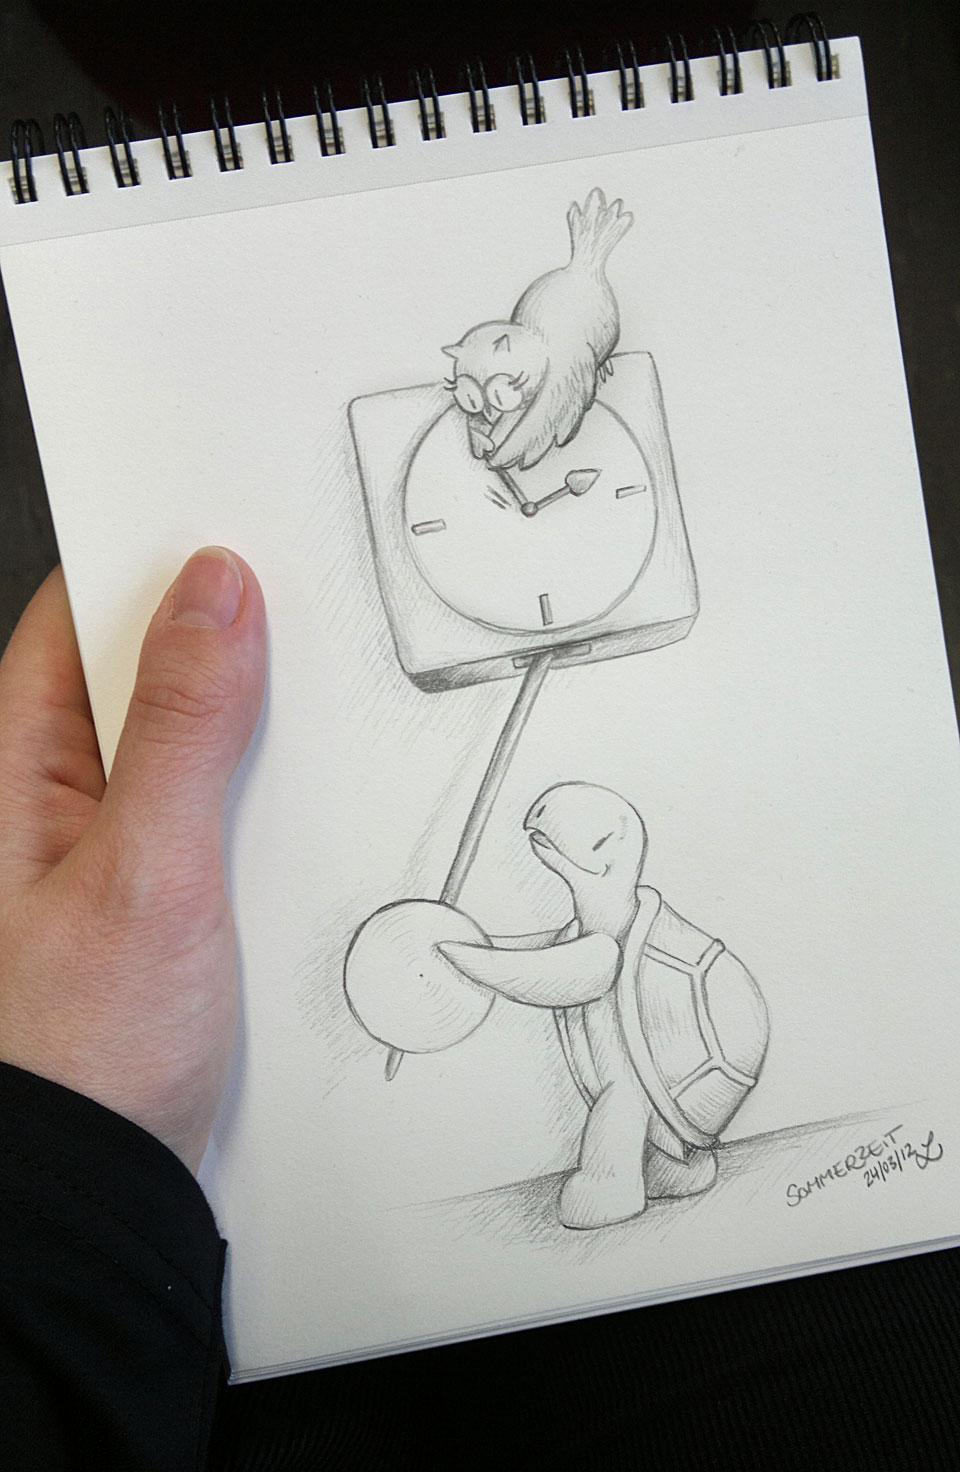 Ordentlich gezeichnet - Mittagspause 20 Minuten